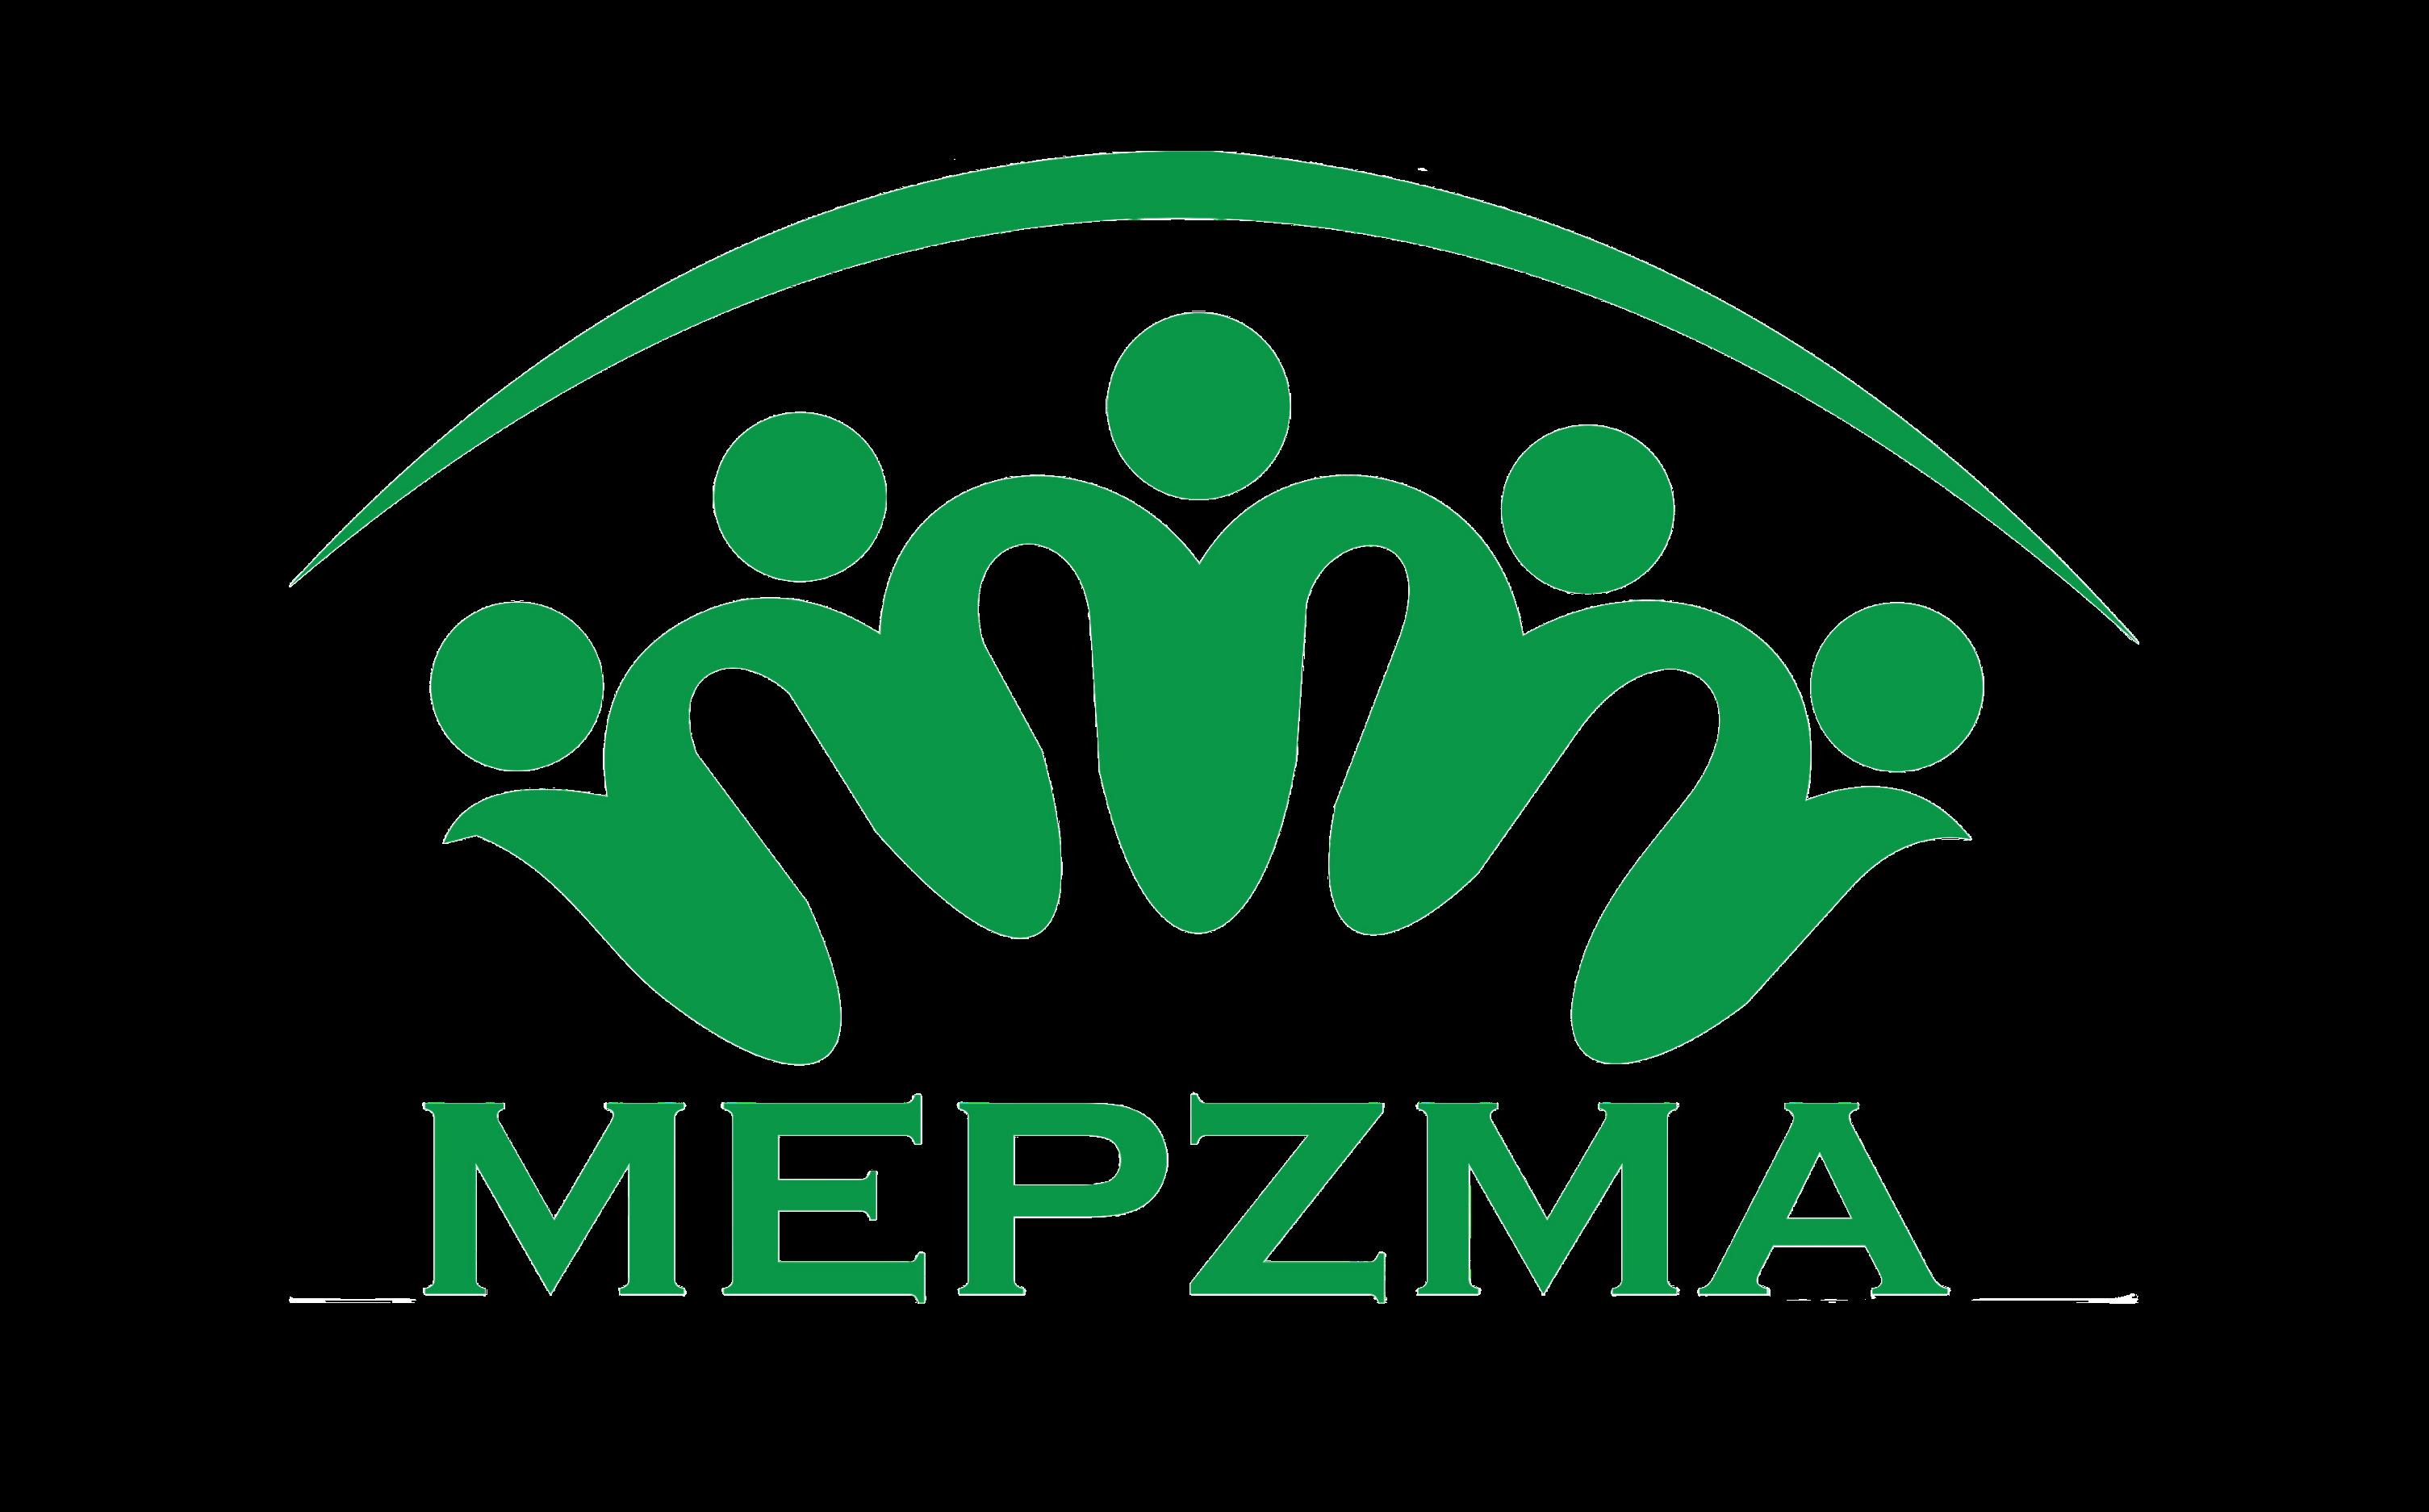 MEPZMA